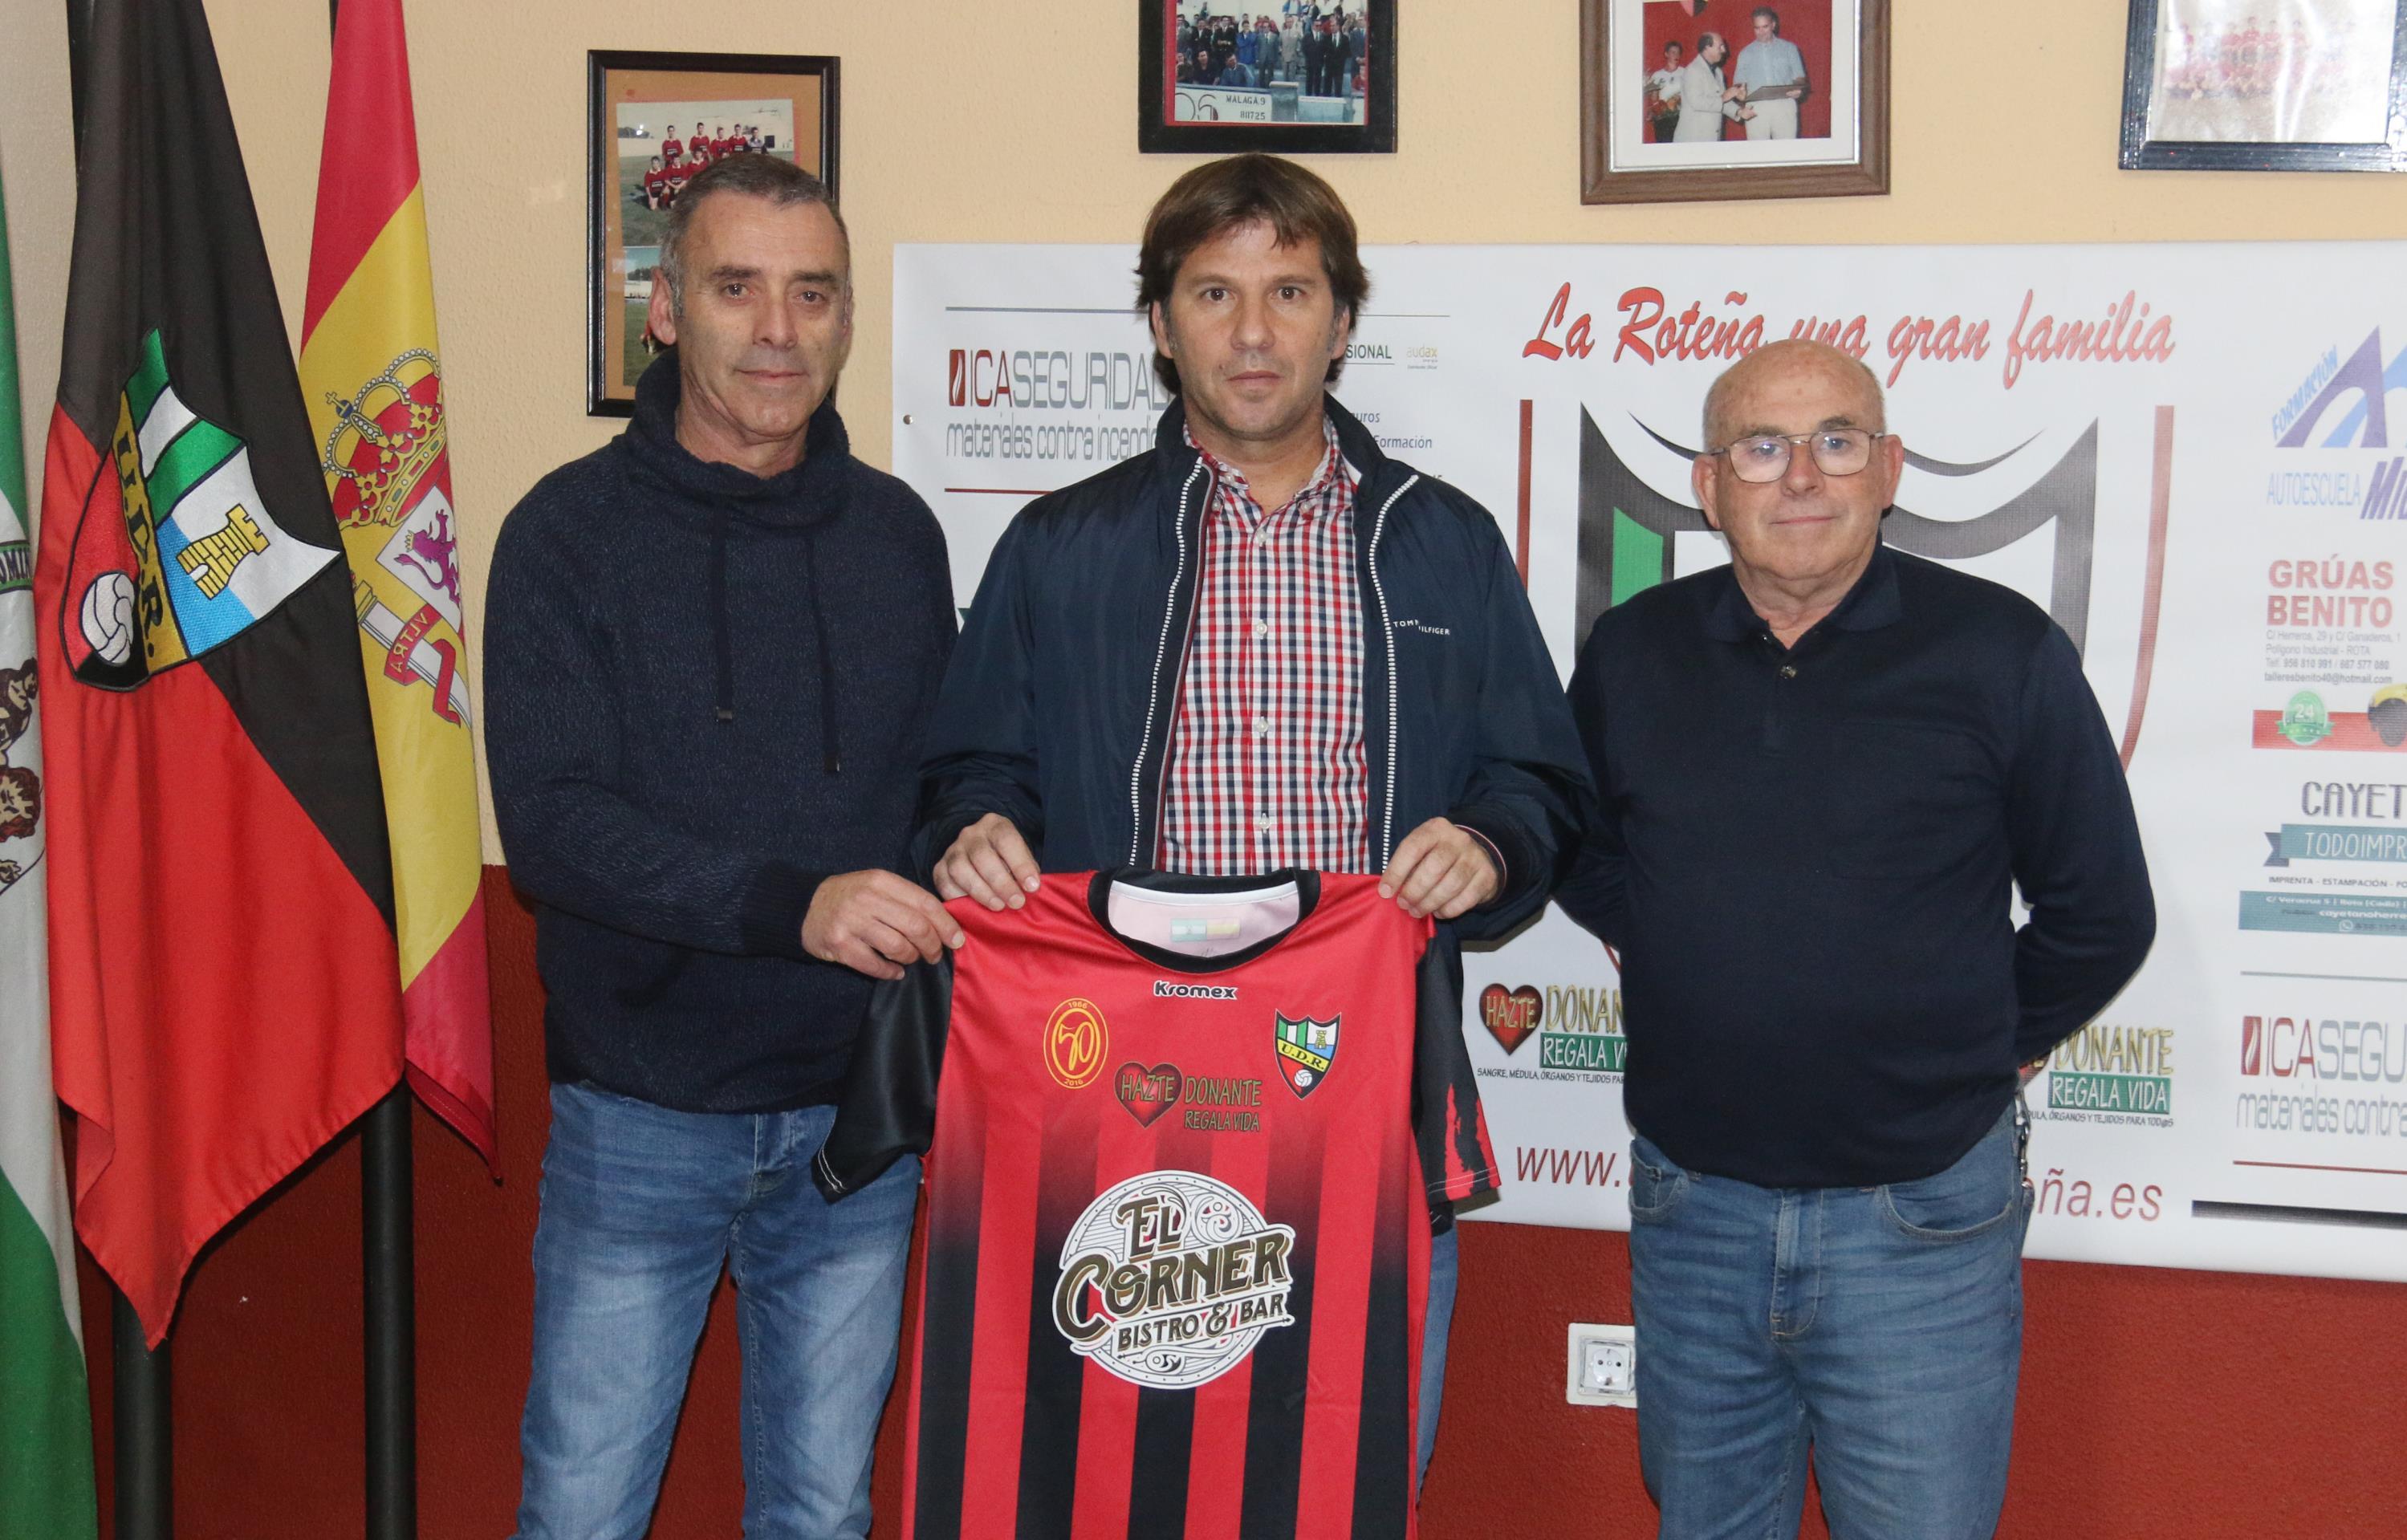 Jesús Mendoza, nuevo entrenador de la UD Roteña